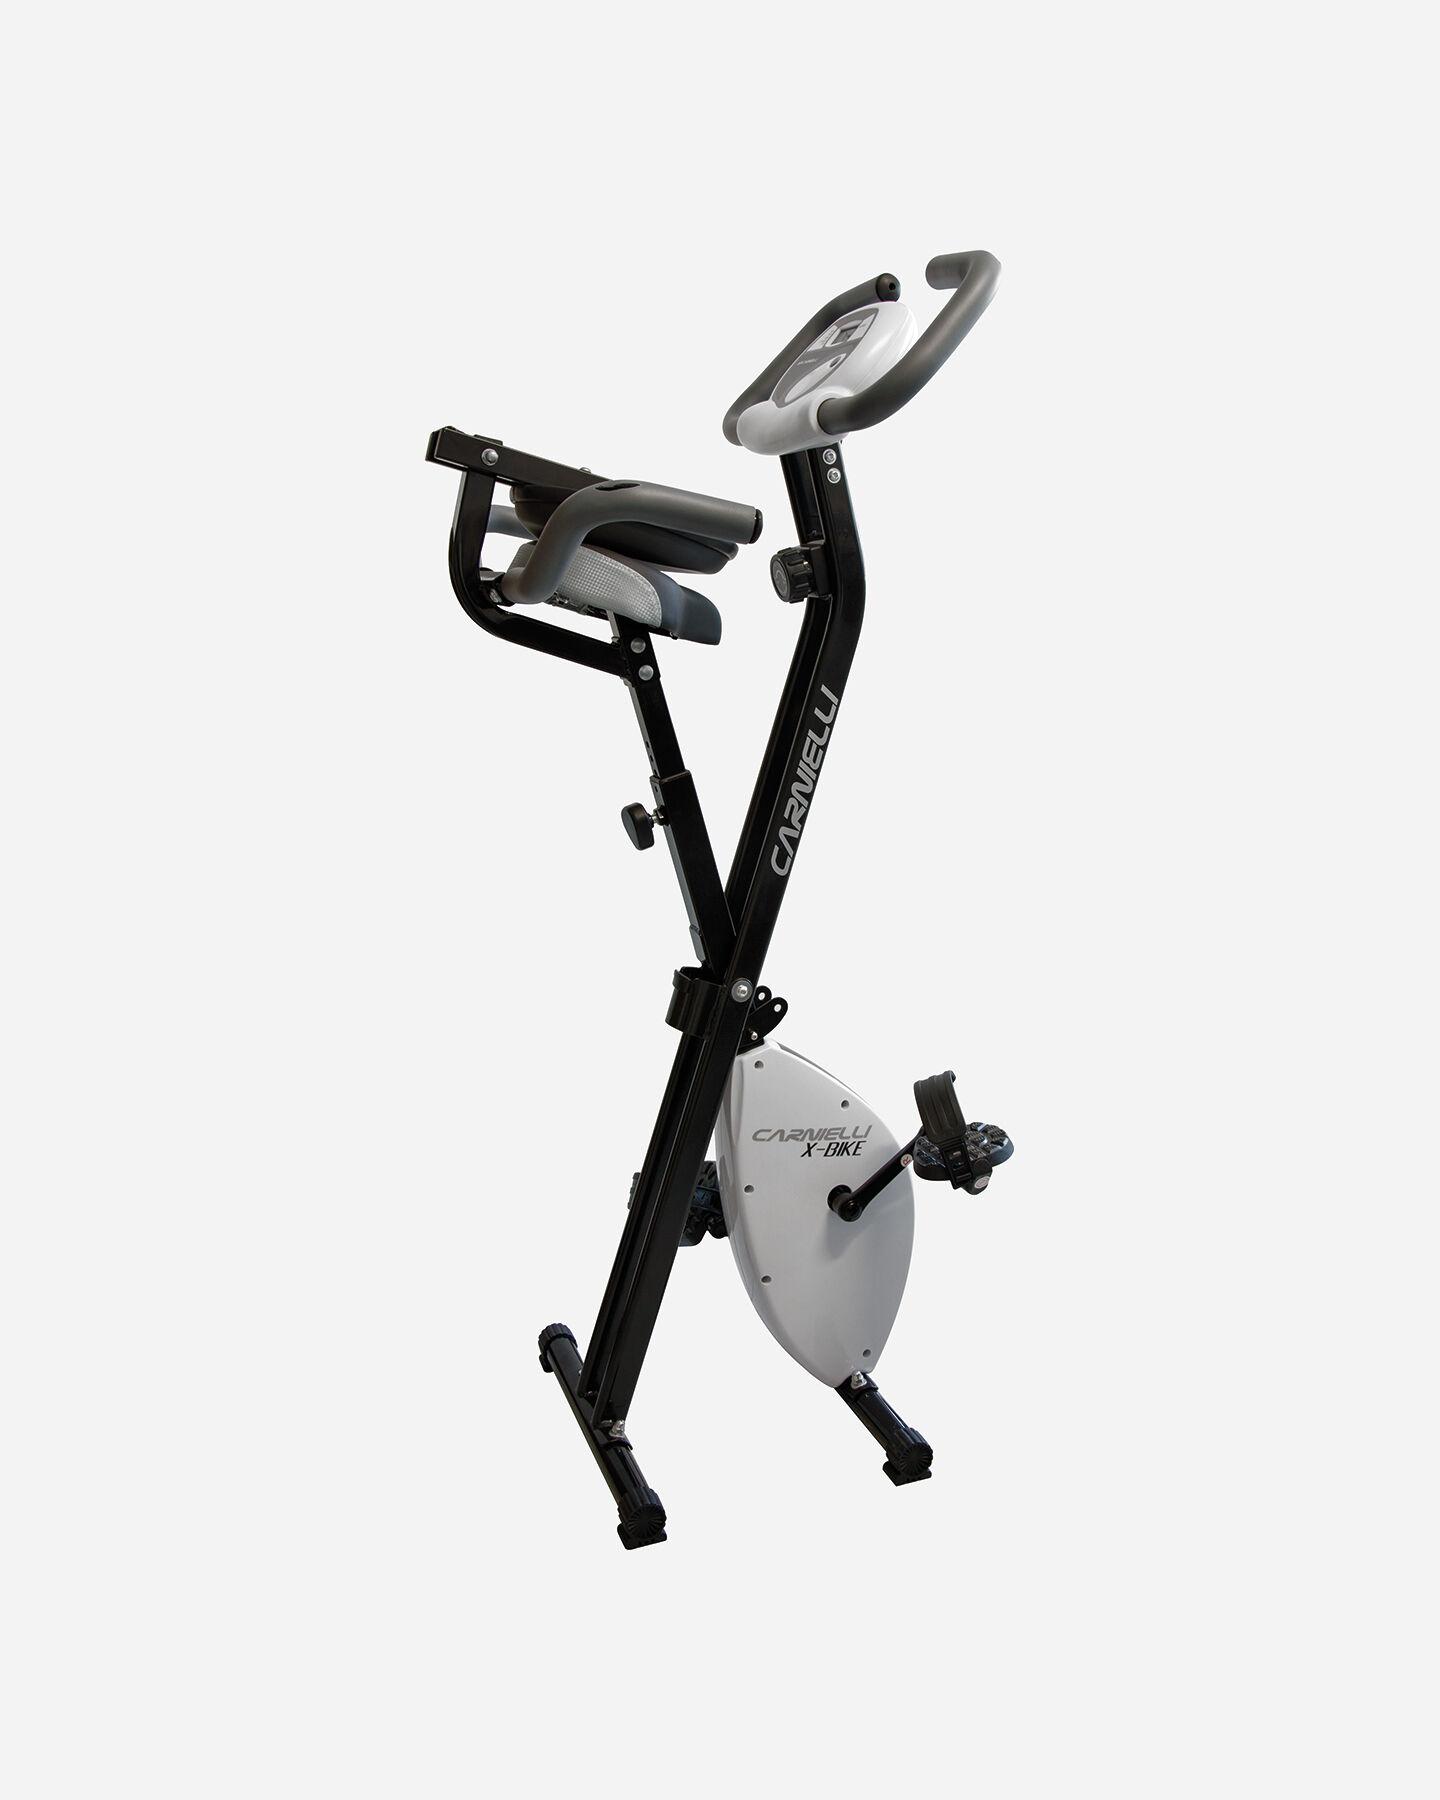 Cyclette CARNIELLI X-BIKE S4000754|1|UNI scatto 1